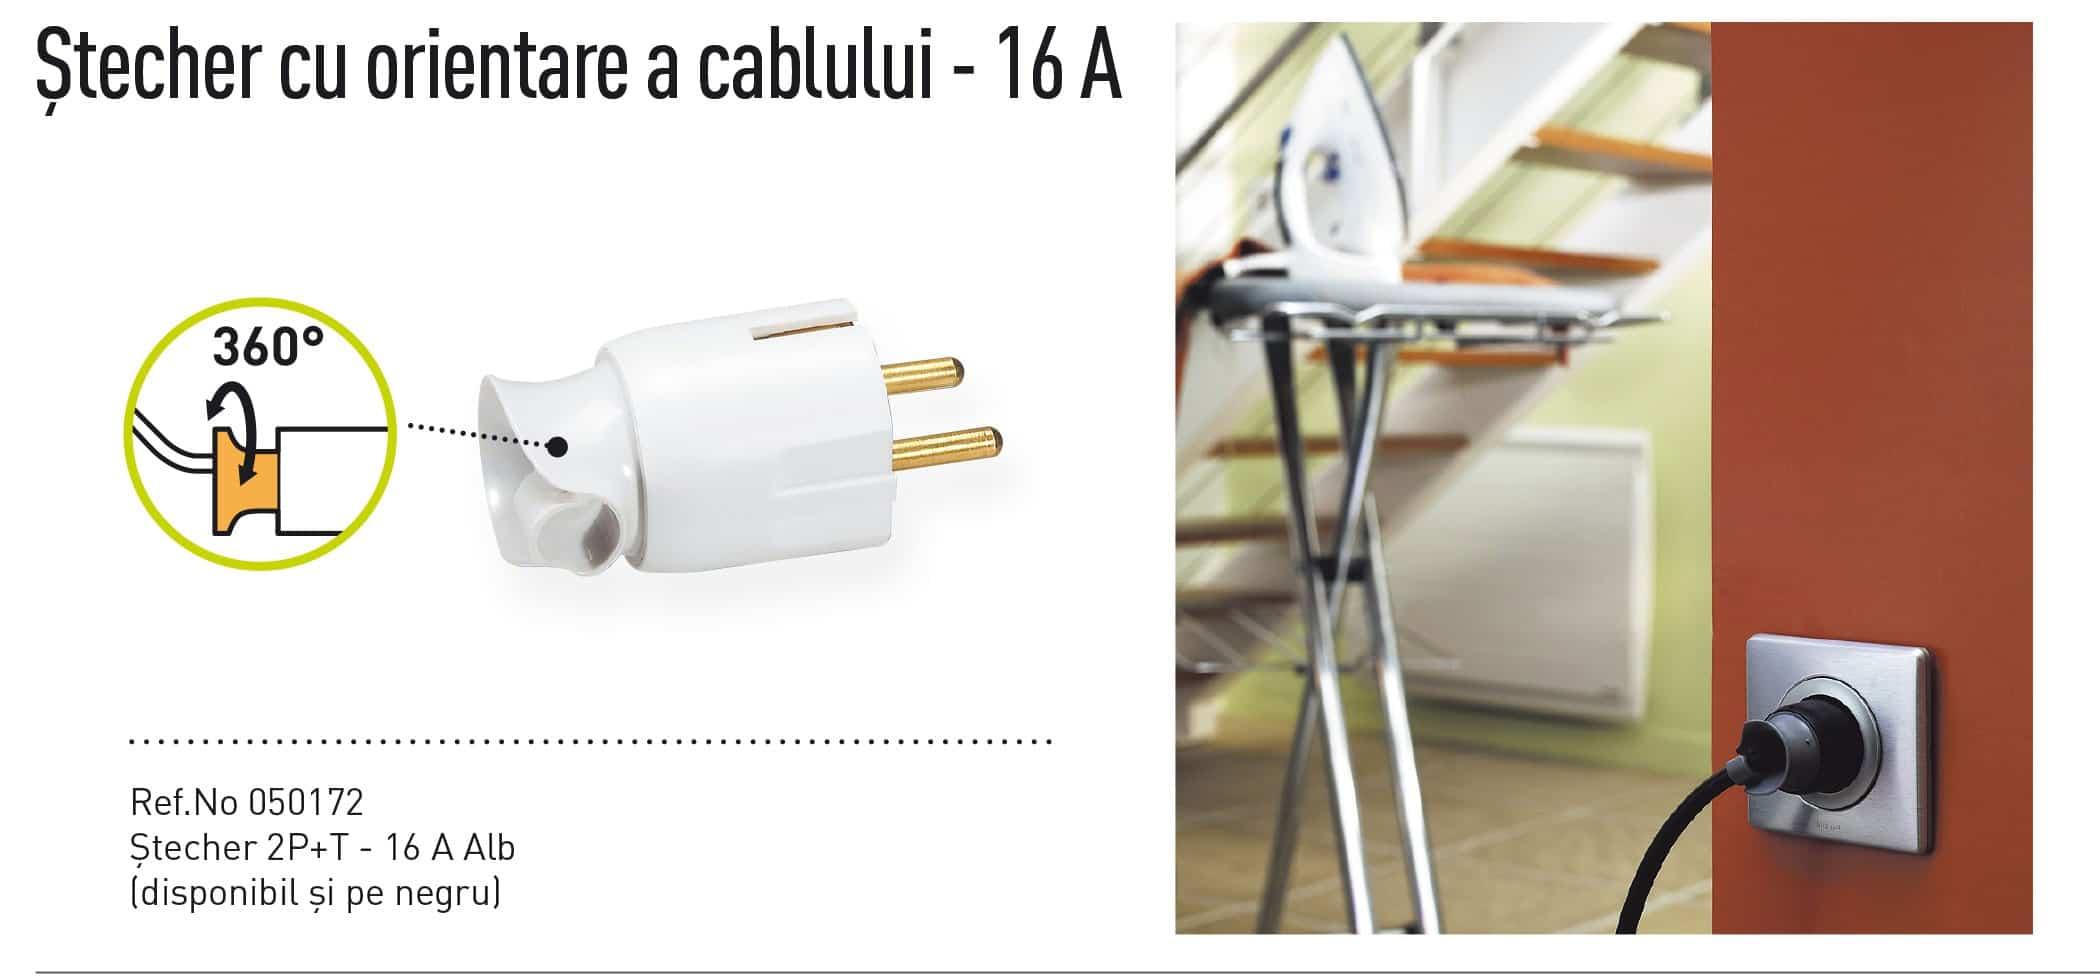 Stecher 16 Amperi, cu orientarea cablului